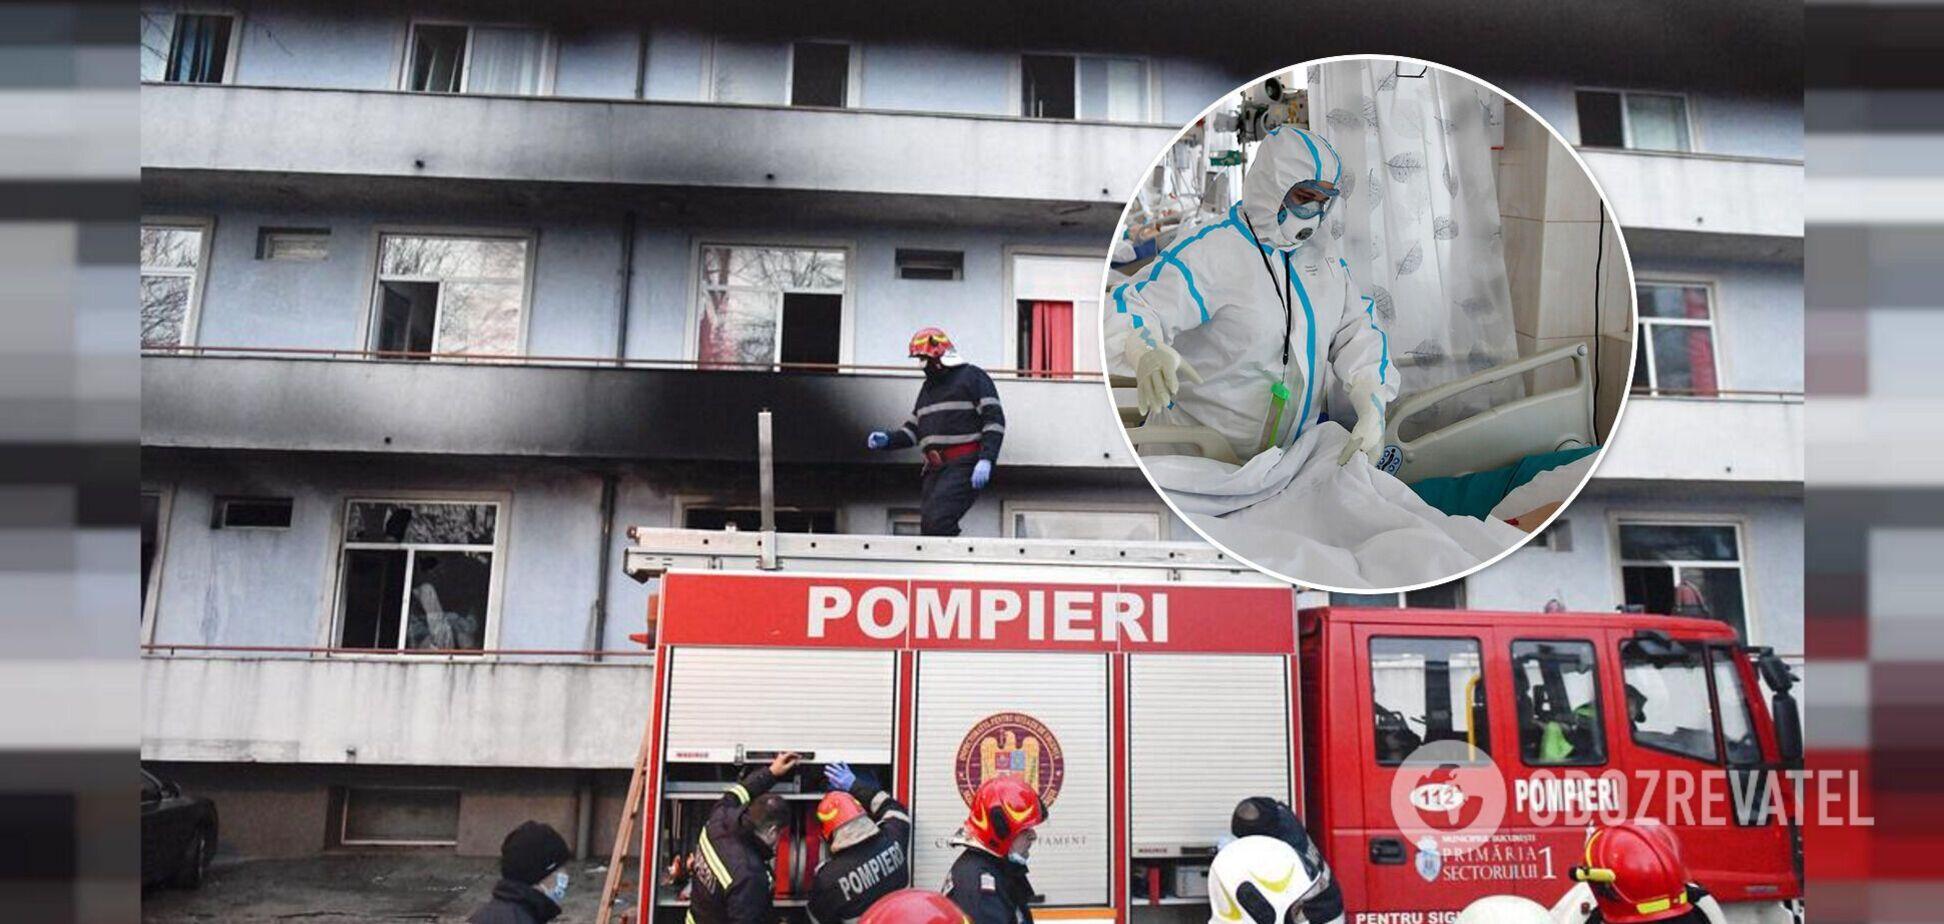 У Румунії сталася пожежа в COVID-відділенні лікарні, загинули дев'ять людей. Фото і відео